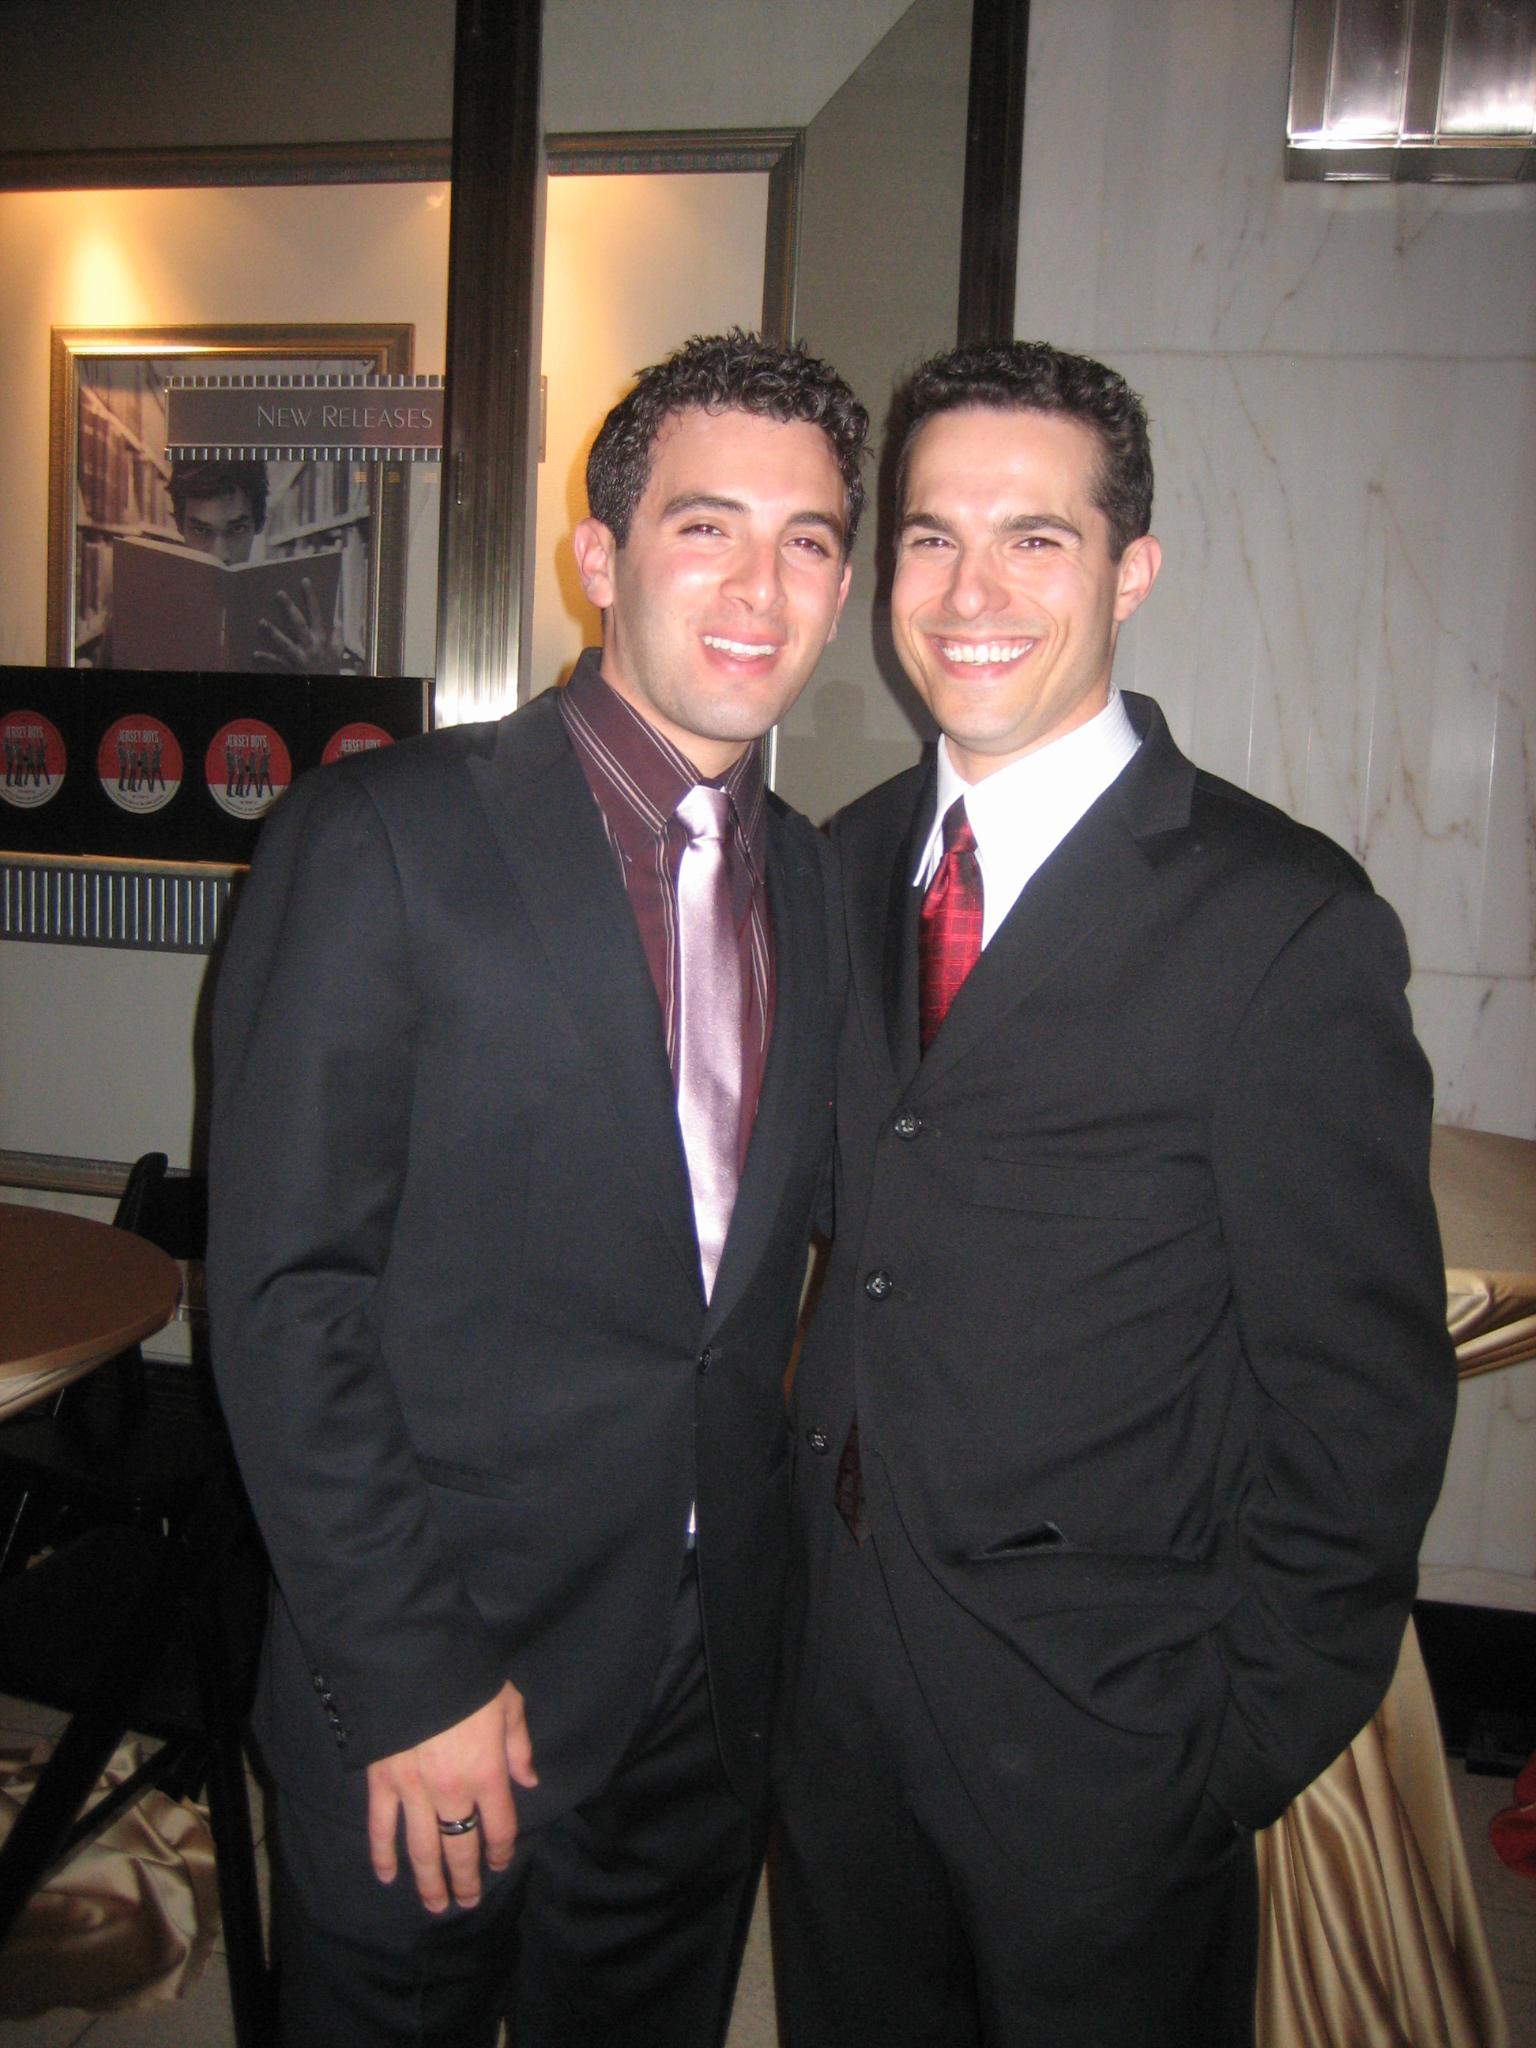 Jarrod Spector (L) and JMC